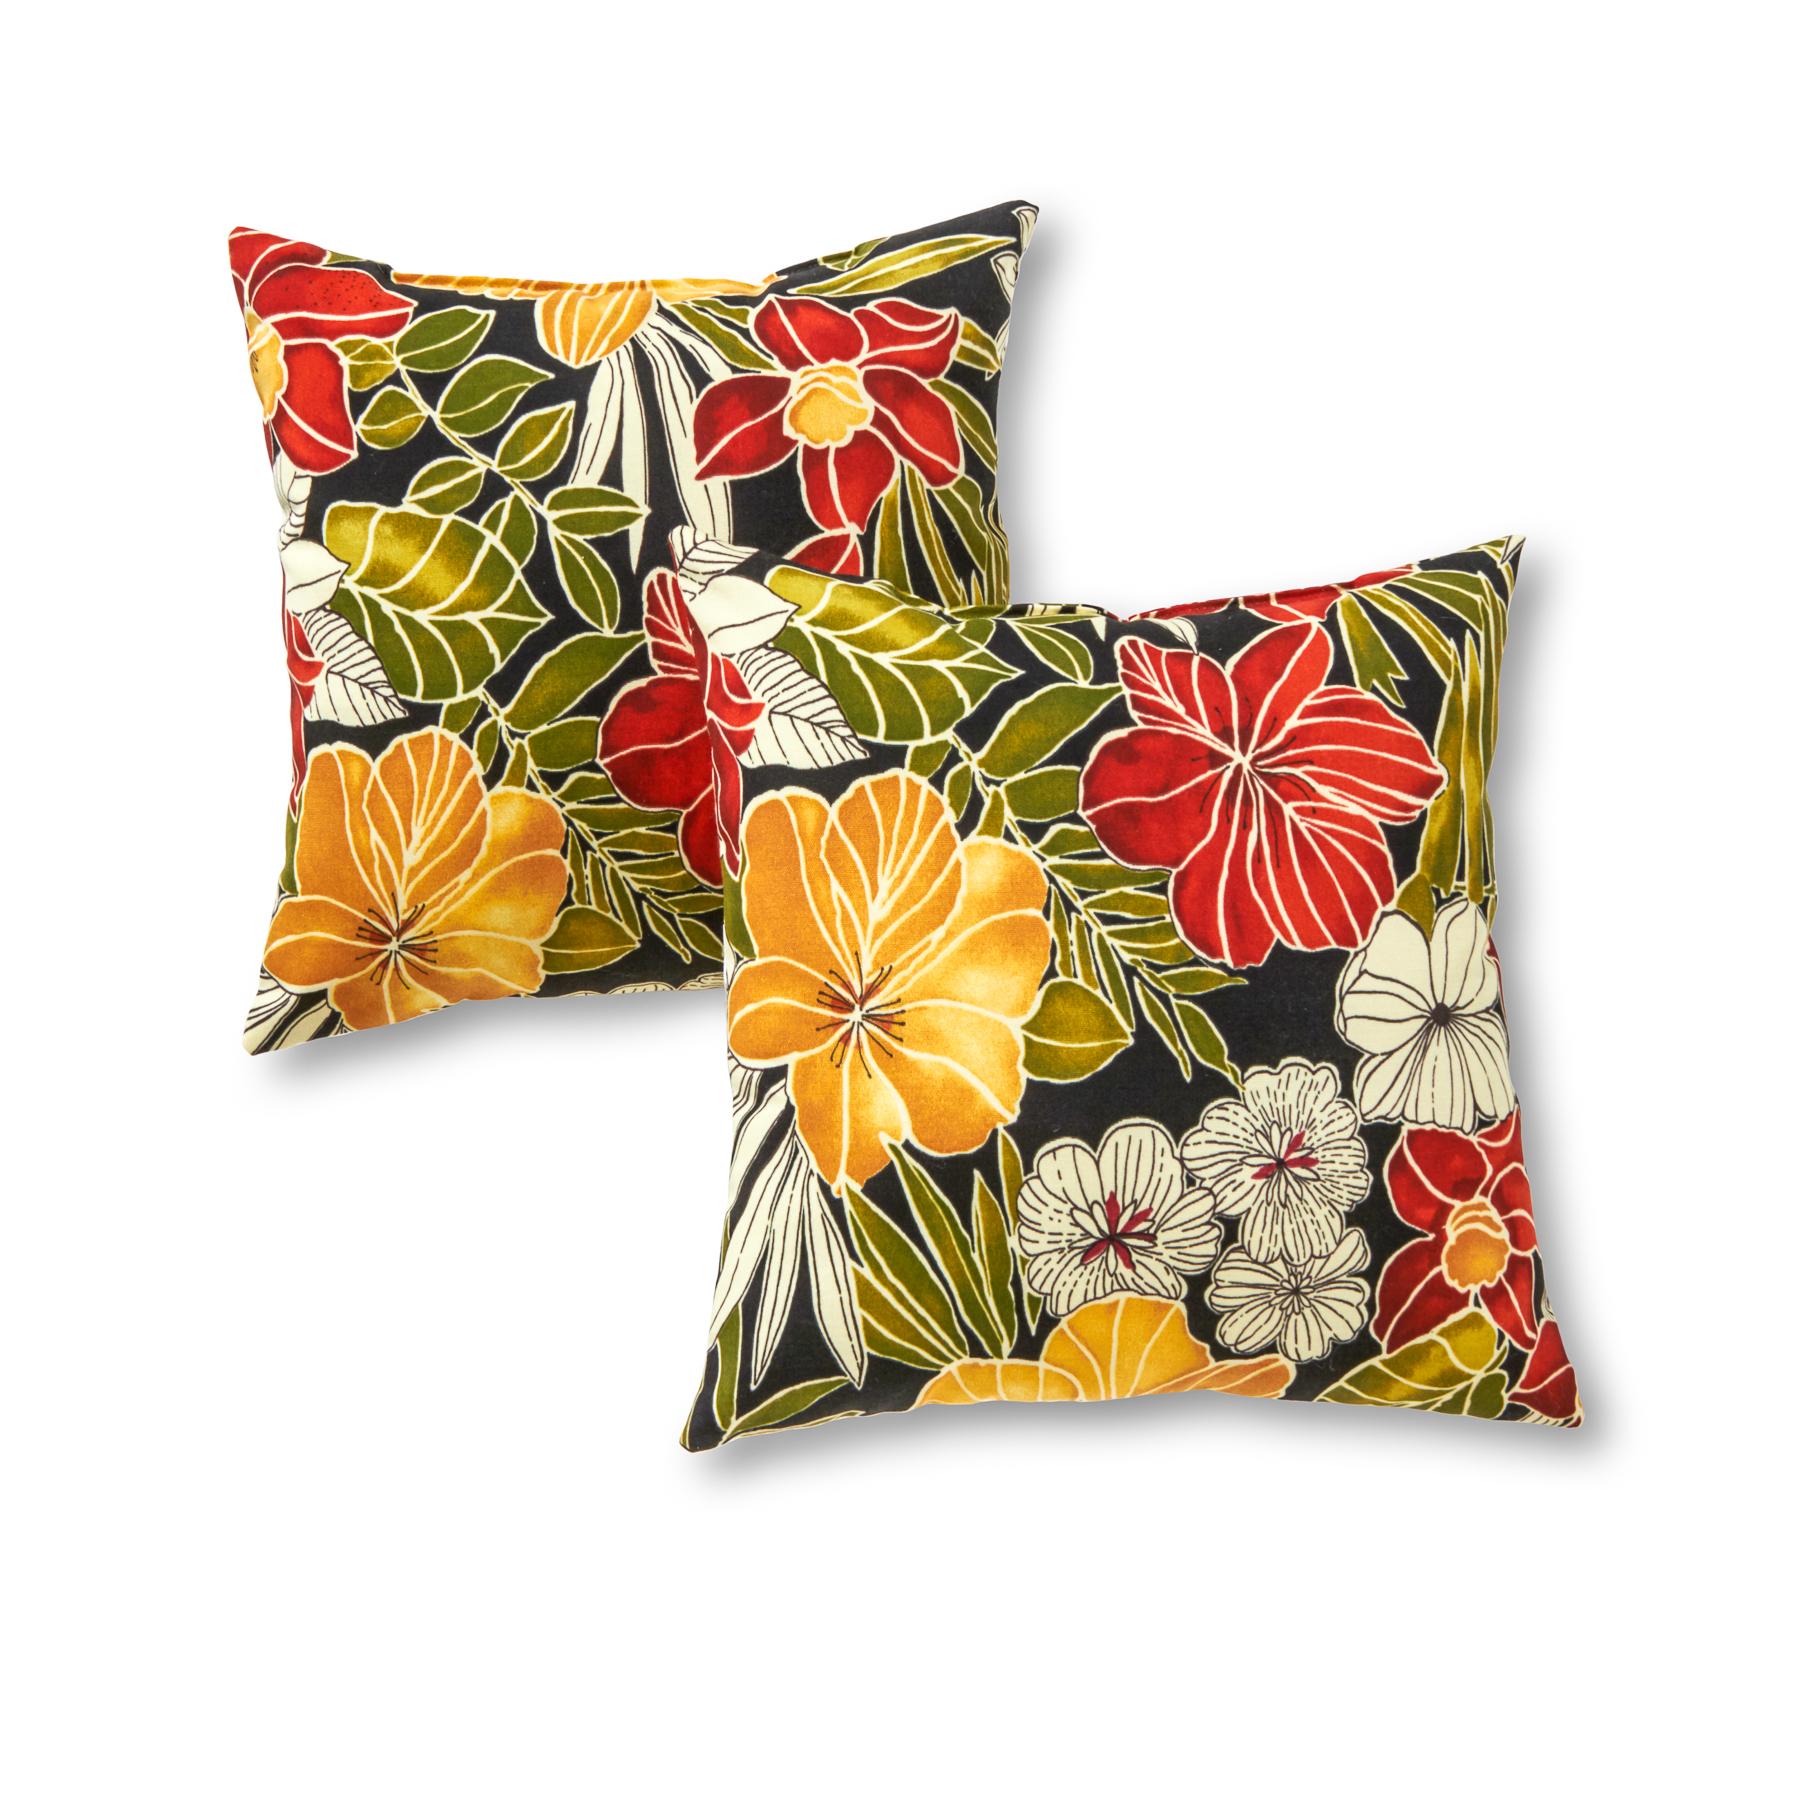 Outdoor Patio Throw Pillows, Set of Two, Aloha Black